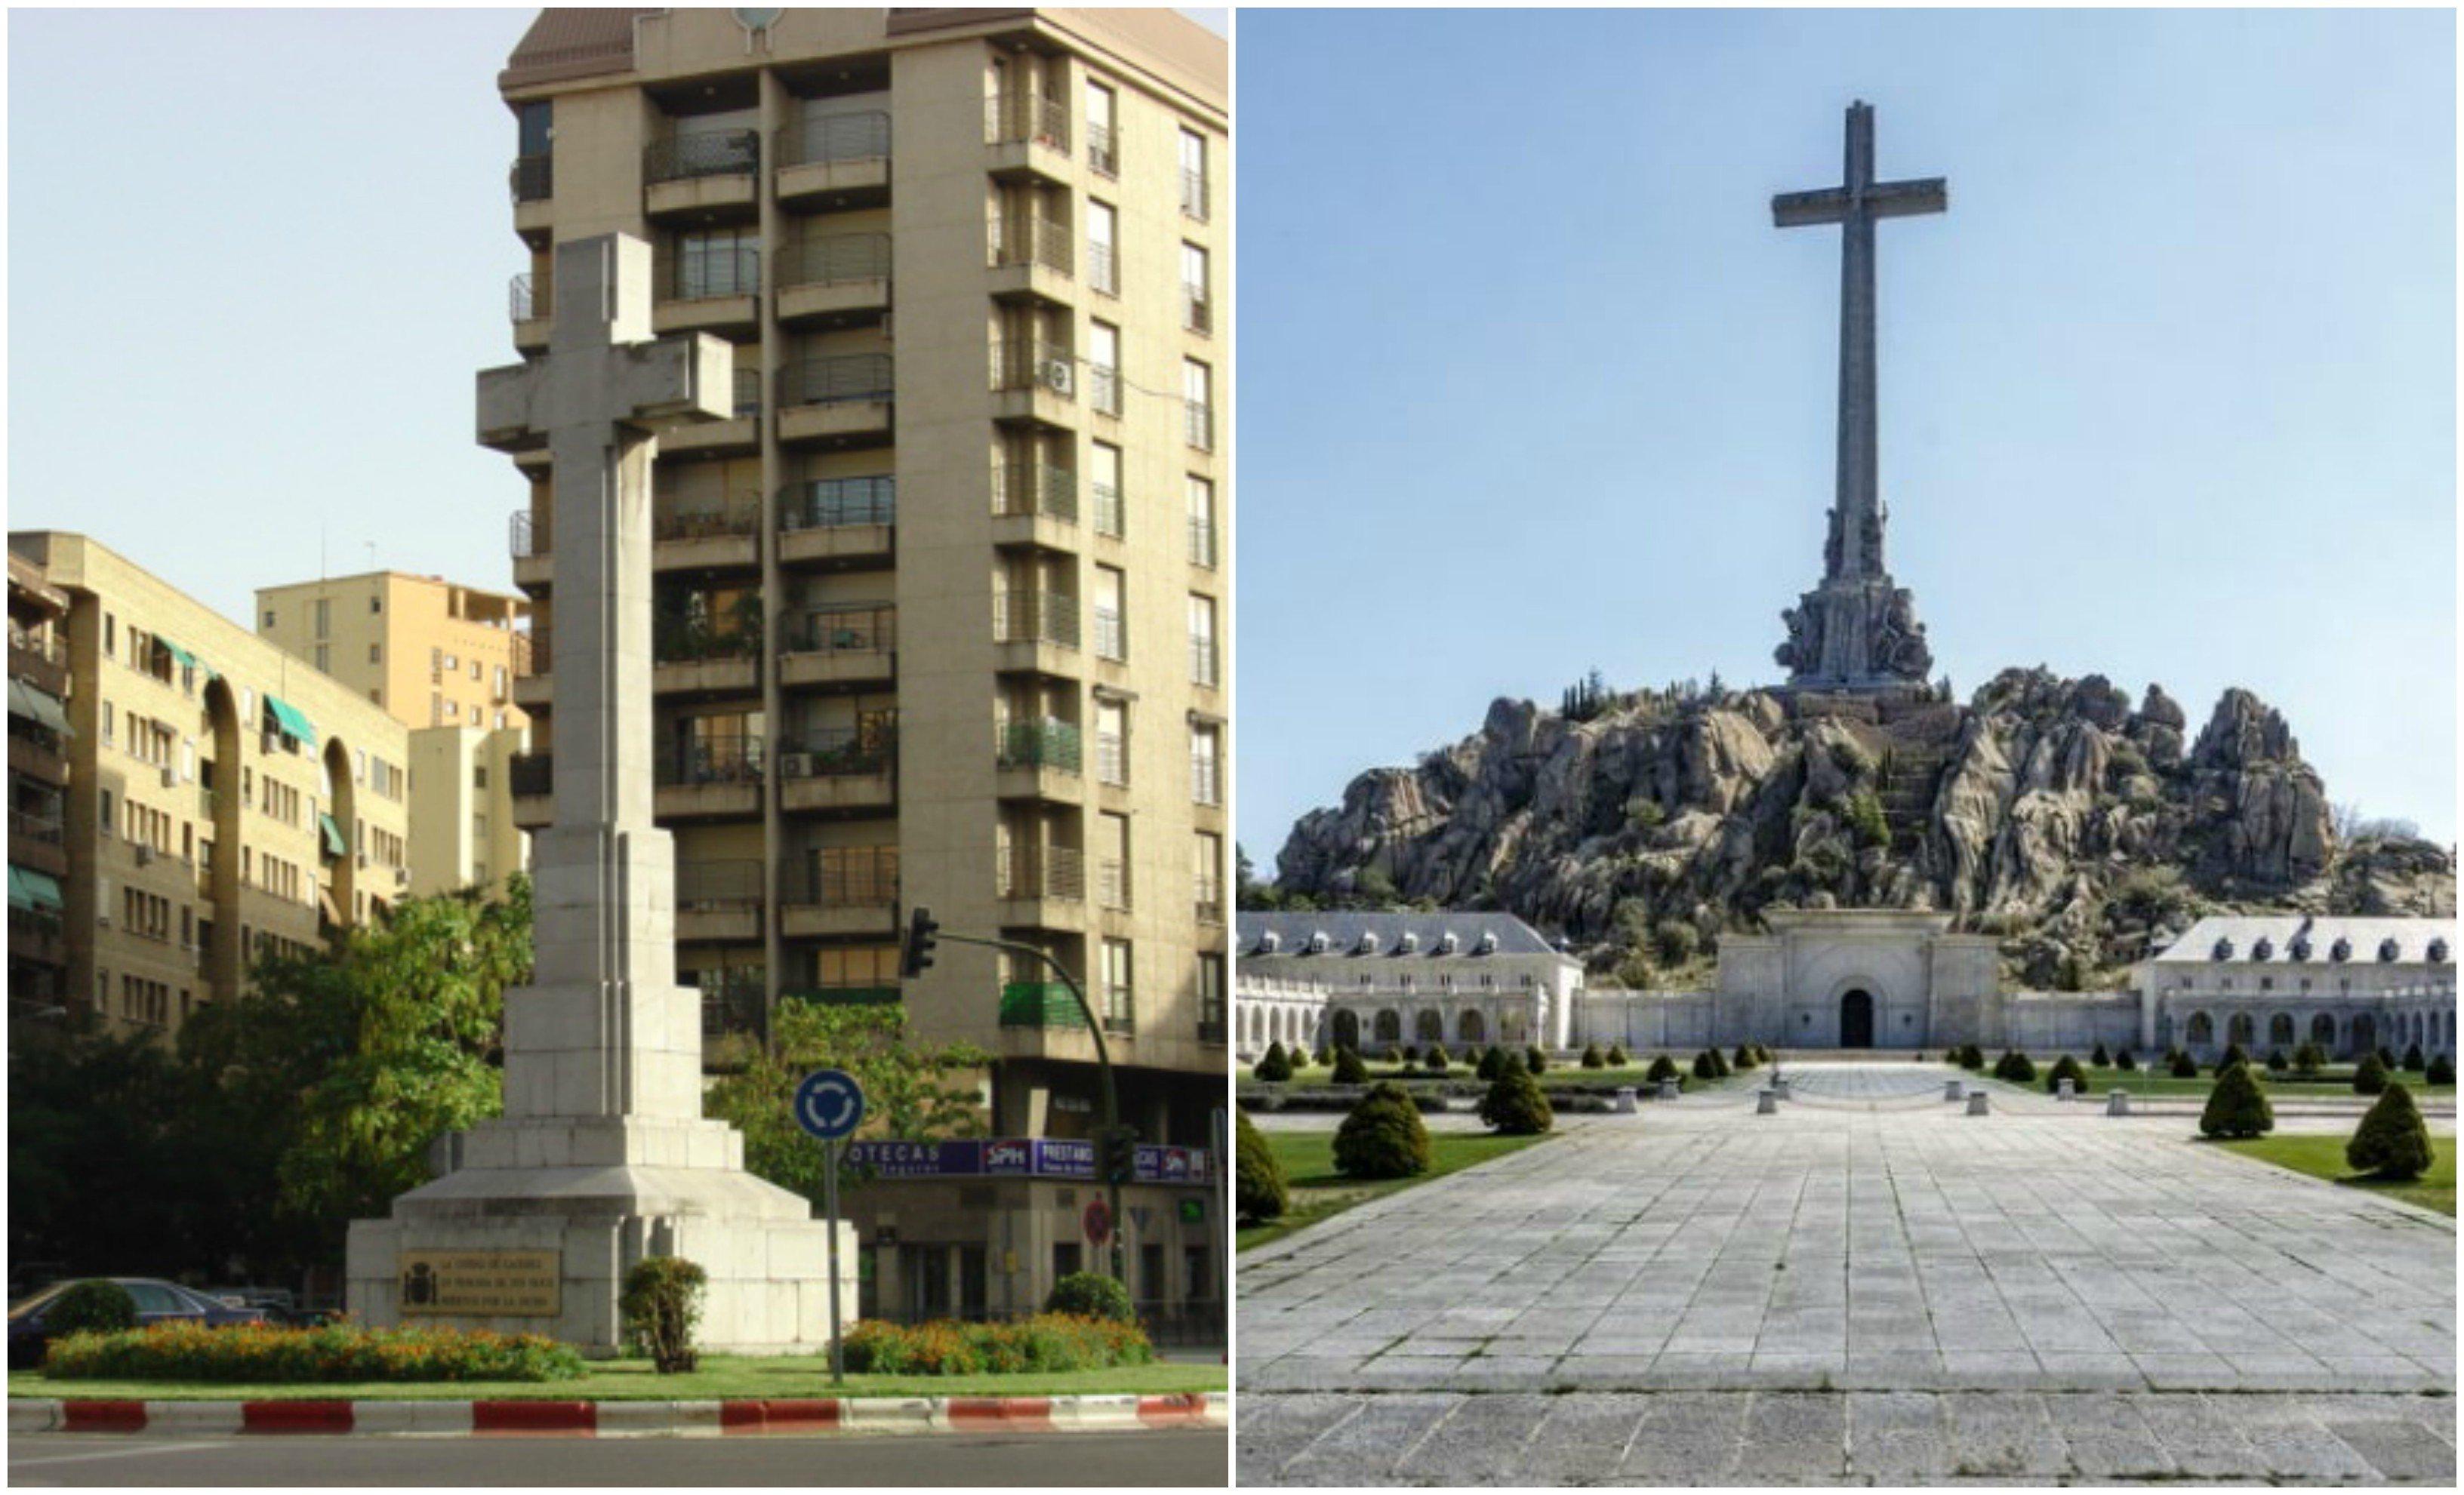 Cristofobia sociopodemita. Quieren derribar la cruz de Plaza de América, en Cáceres… pero el premio gordo para Podemos consiste en destruir la cruz del Valle de los Caídos, la más grande del mundo